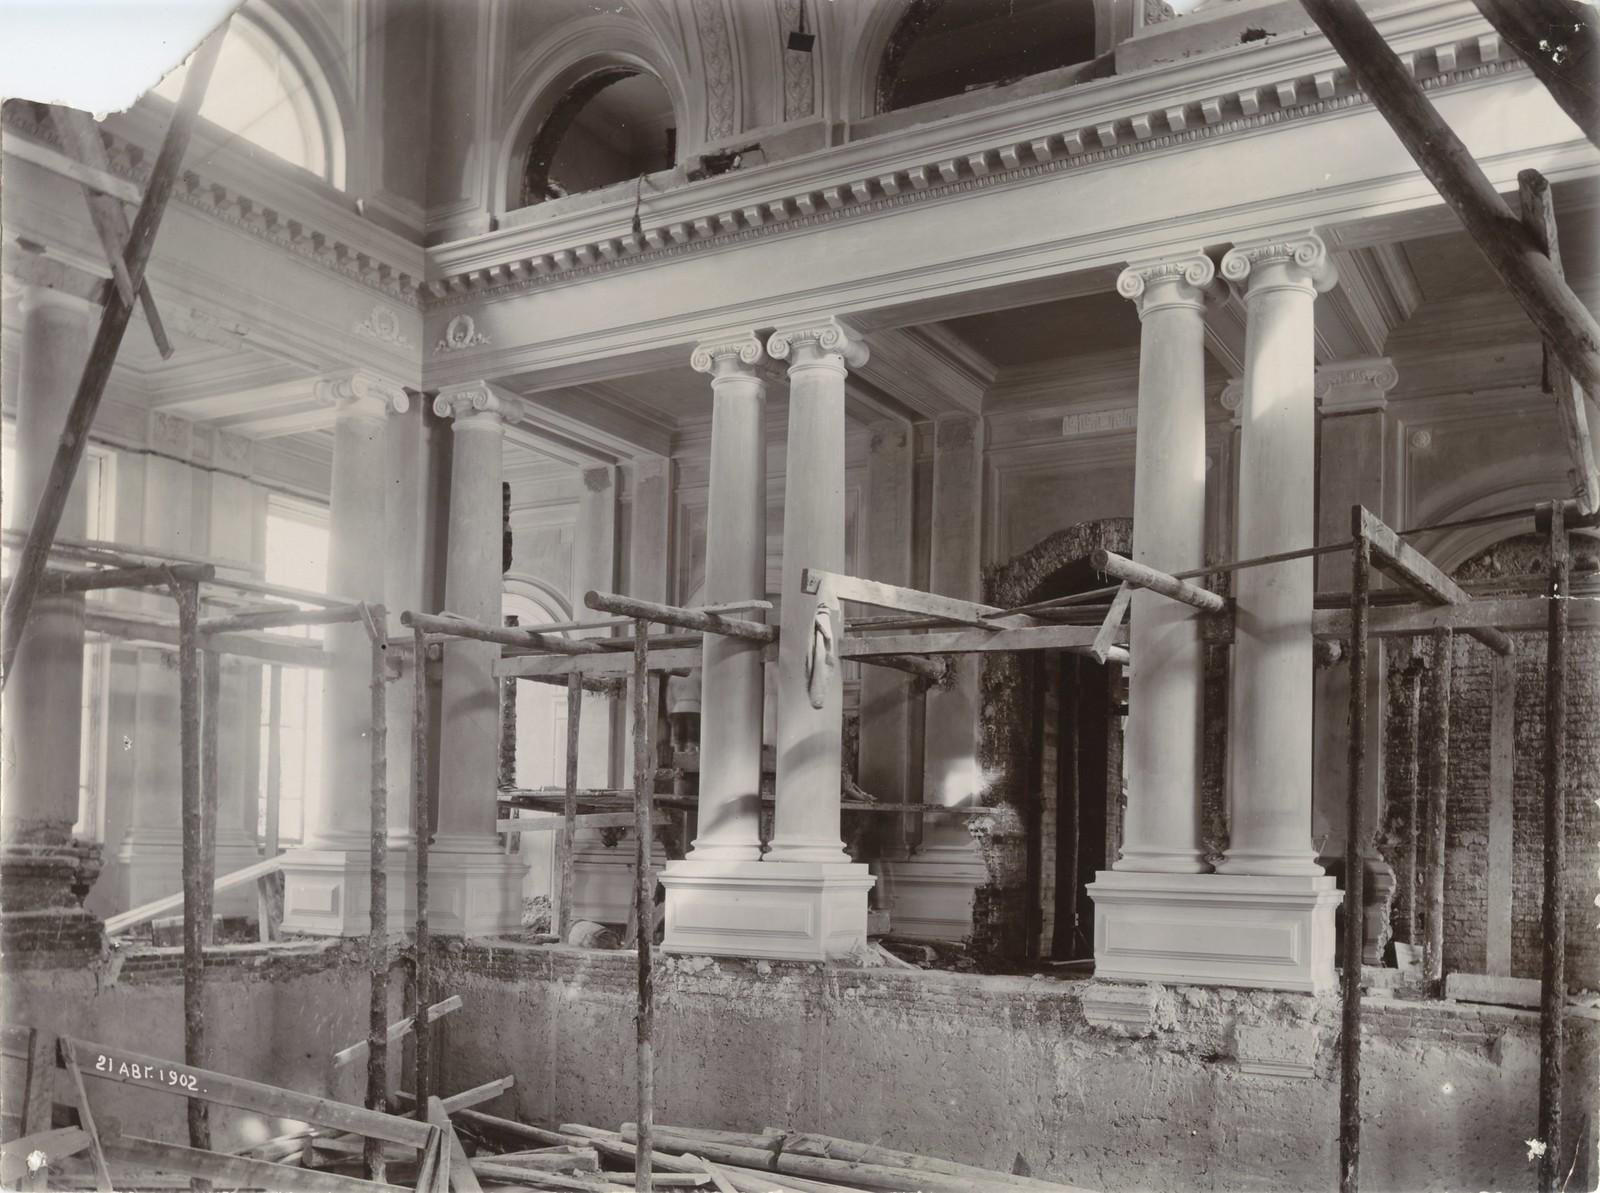 06. 1902. 21 августа. Строительство центральной лестницы главного здания